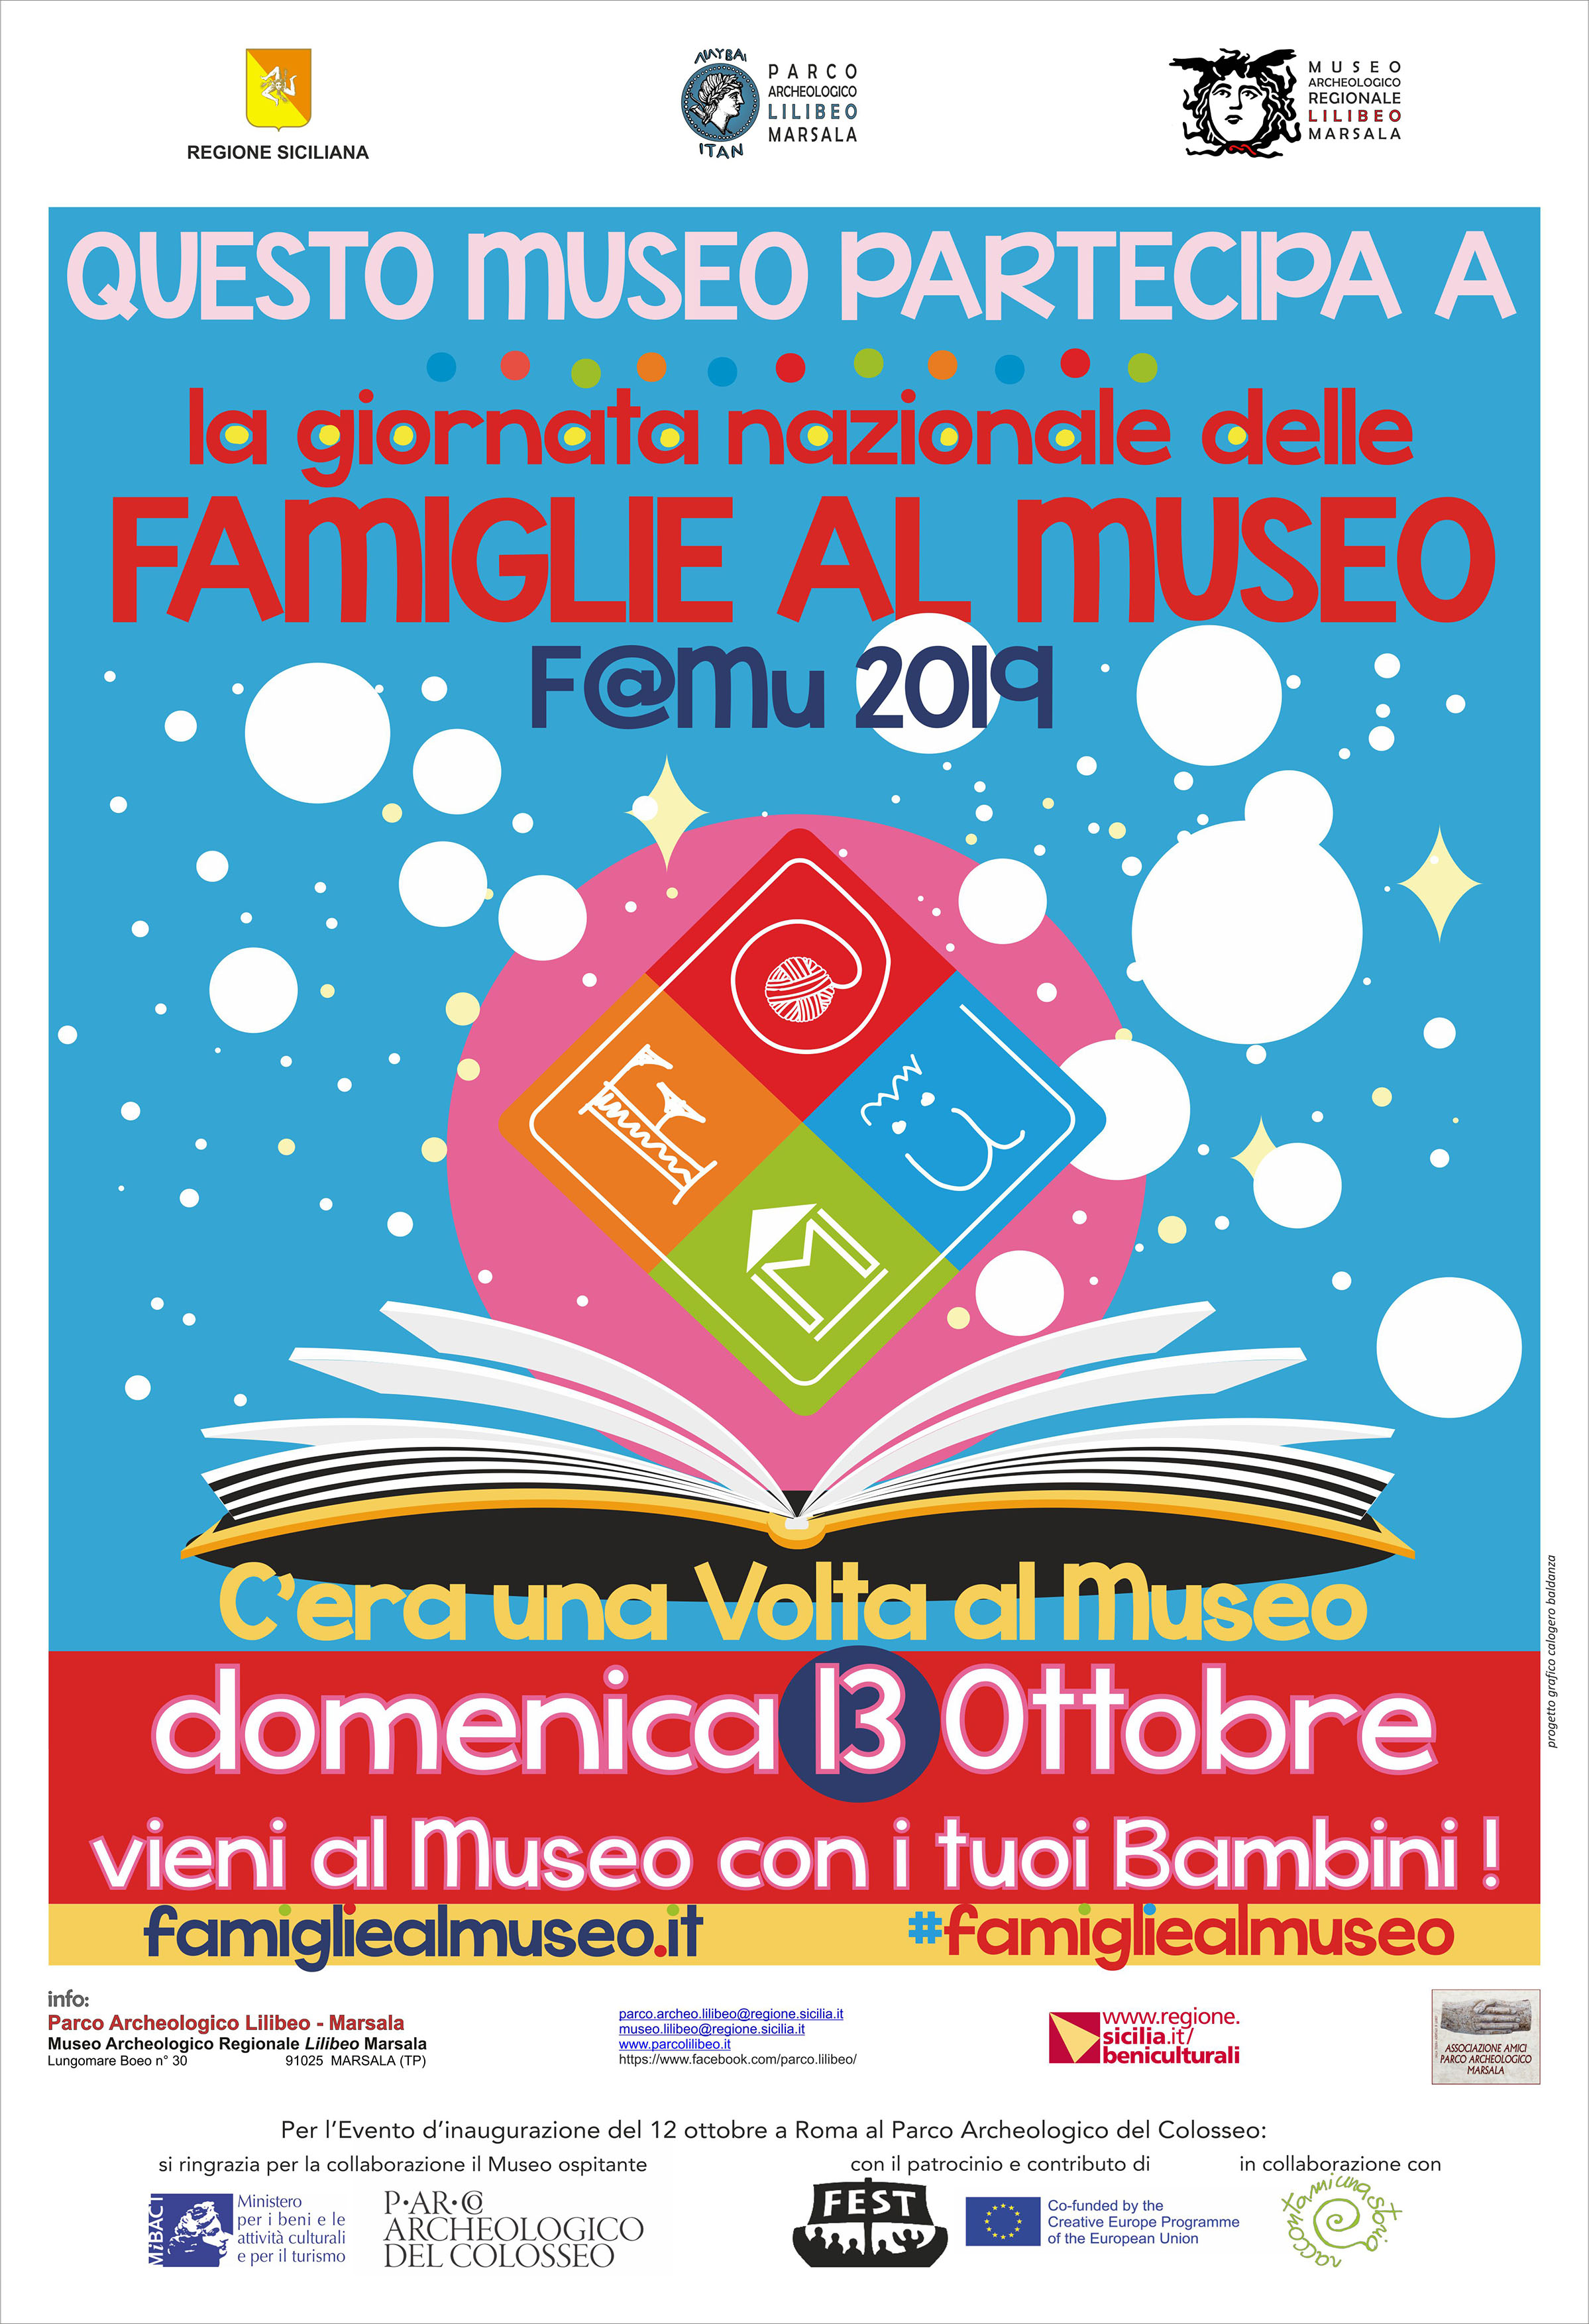 F@mu: al Museo Lilibeo la Giornata dedicata alle famiglie